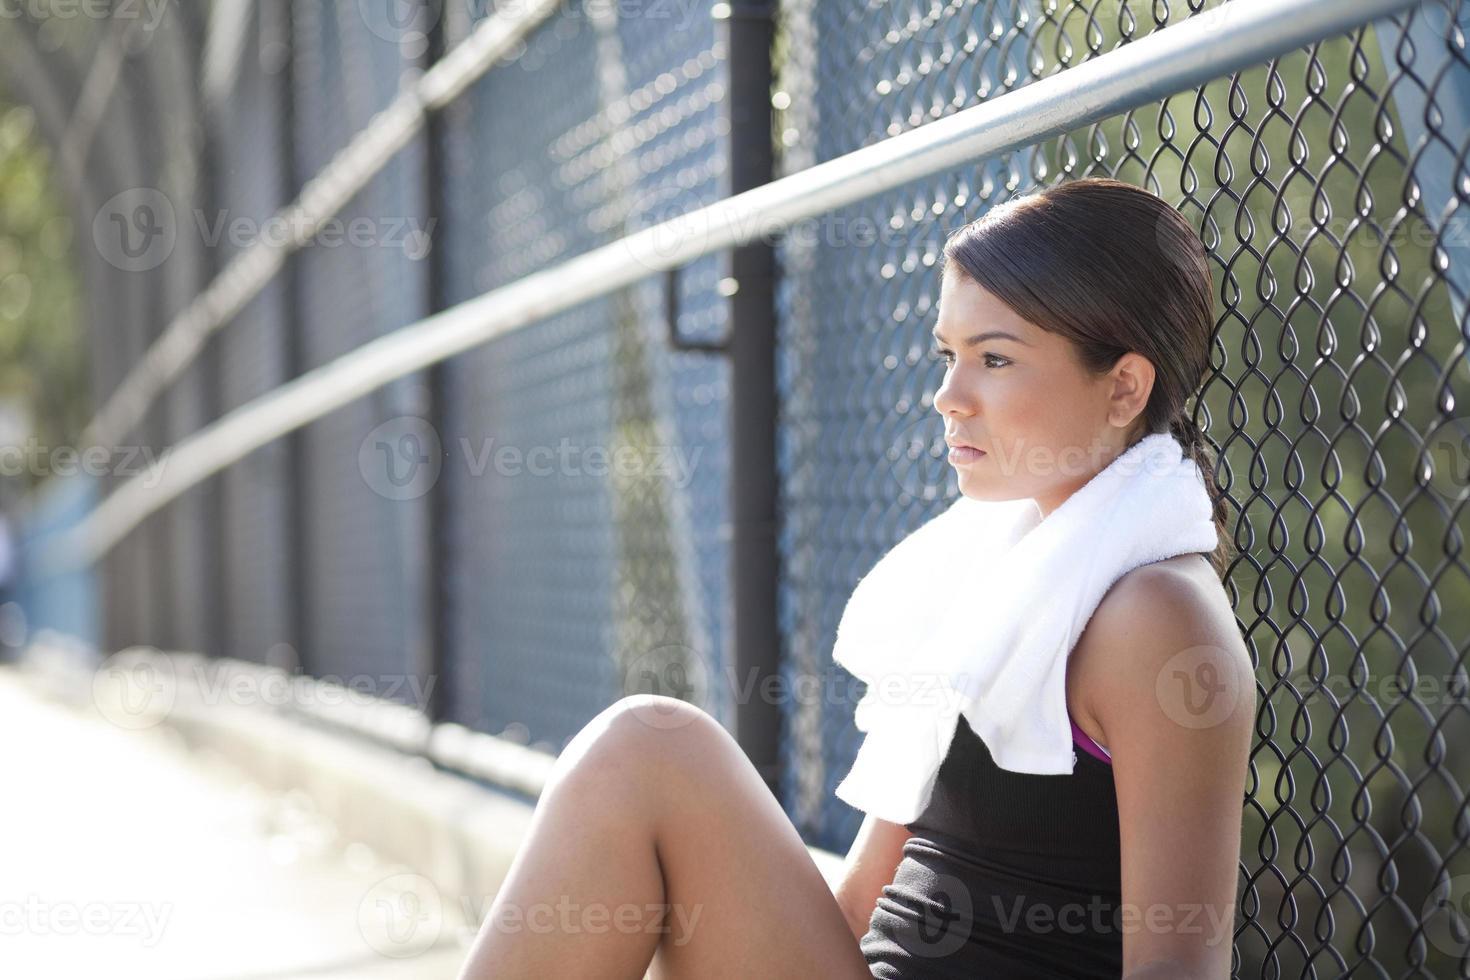 sentado descansando y pensando foto